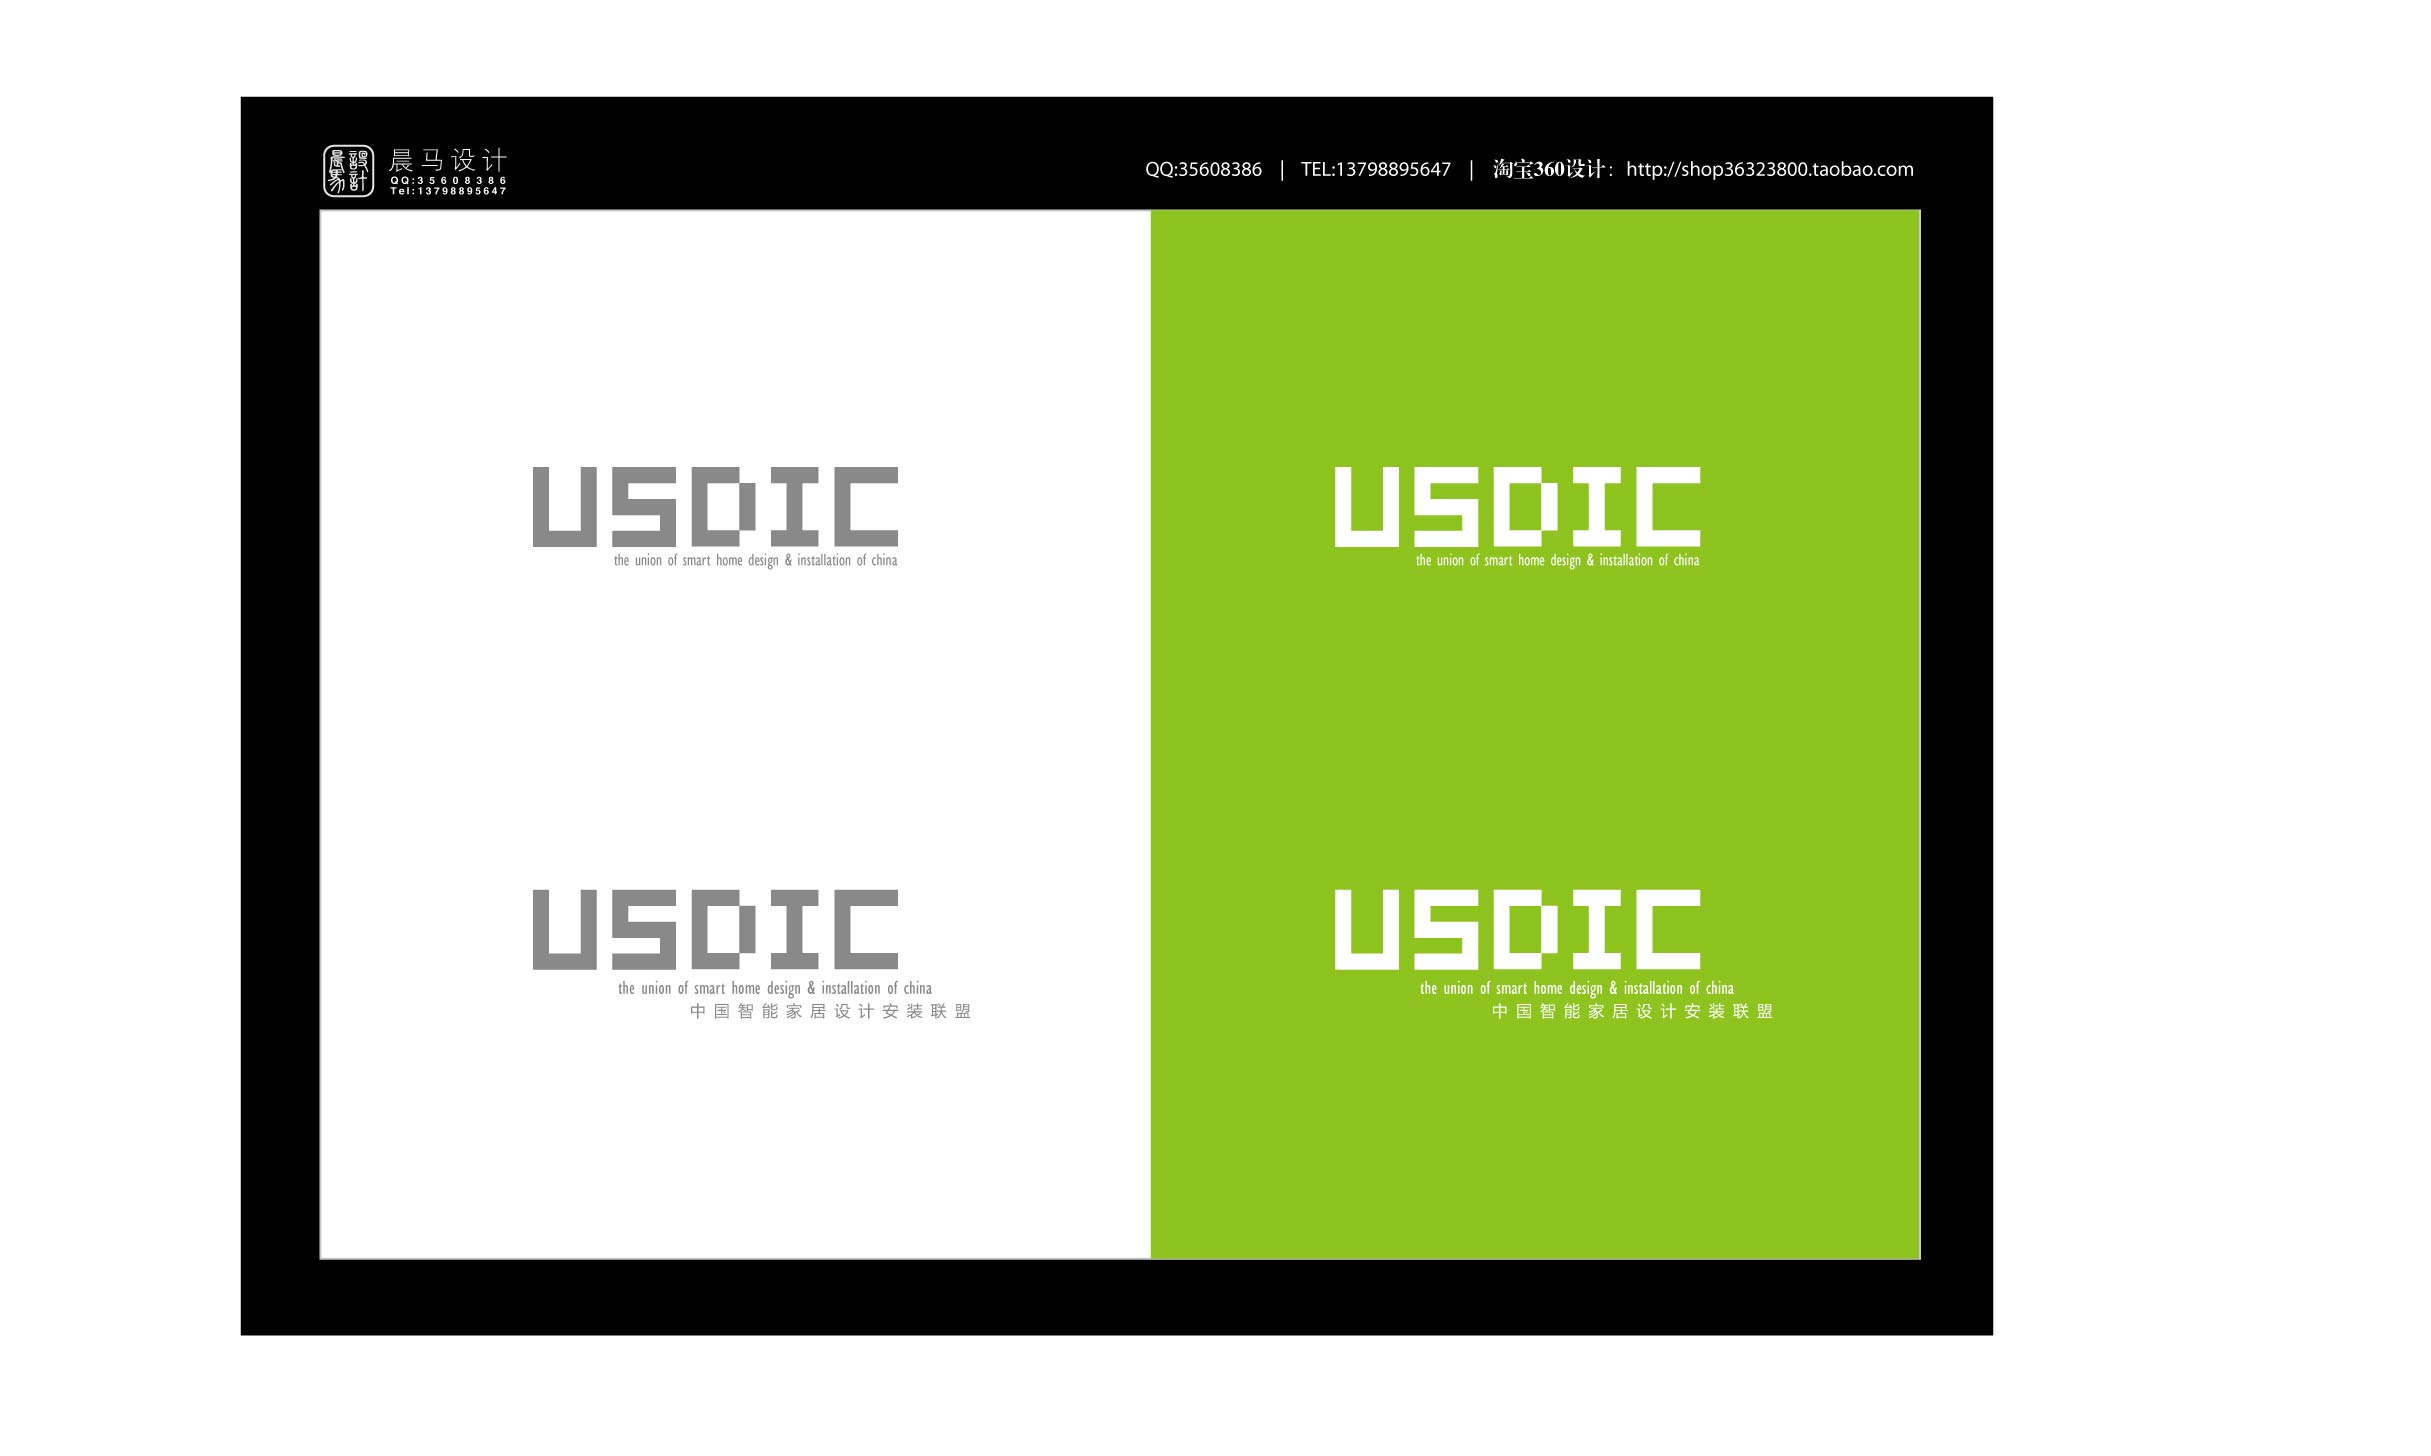 中国智能家居设计安装联盟(USDIC) The Union of Smart home Design & Installation of China USDIC是由全国各地的智能家居设计安装商组成的联盟,USDIC官方网站智盟网是面向终端消费者、设计安装商以及厂家三方的一个网络平台。 如果对智能家居不太了解,可以搜索一下相关信息。比尔盖茨的豪宅就是智能家居的典范之作。 请大家设计的时候注意以下几点:1,logo后期经常用于网络推广2,希望logo能比较容易搭配主体色3,logo的设计需要大气、现